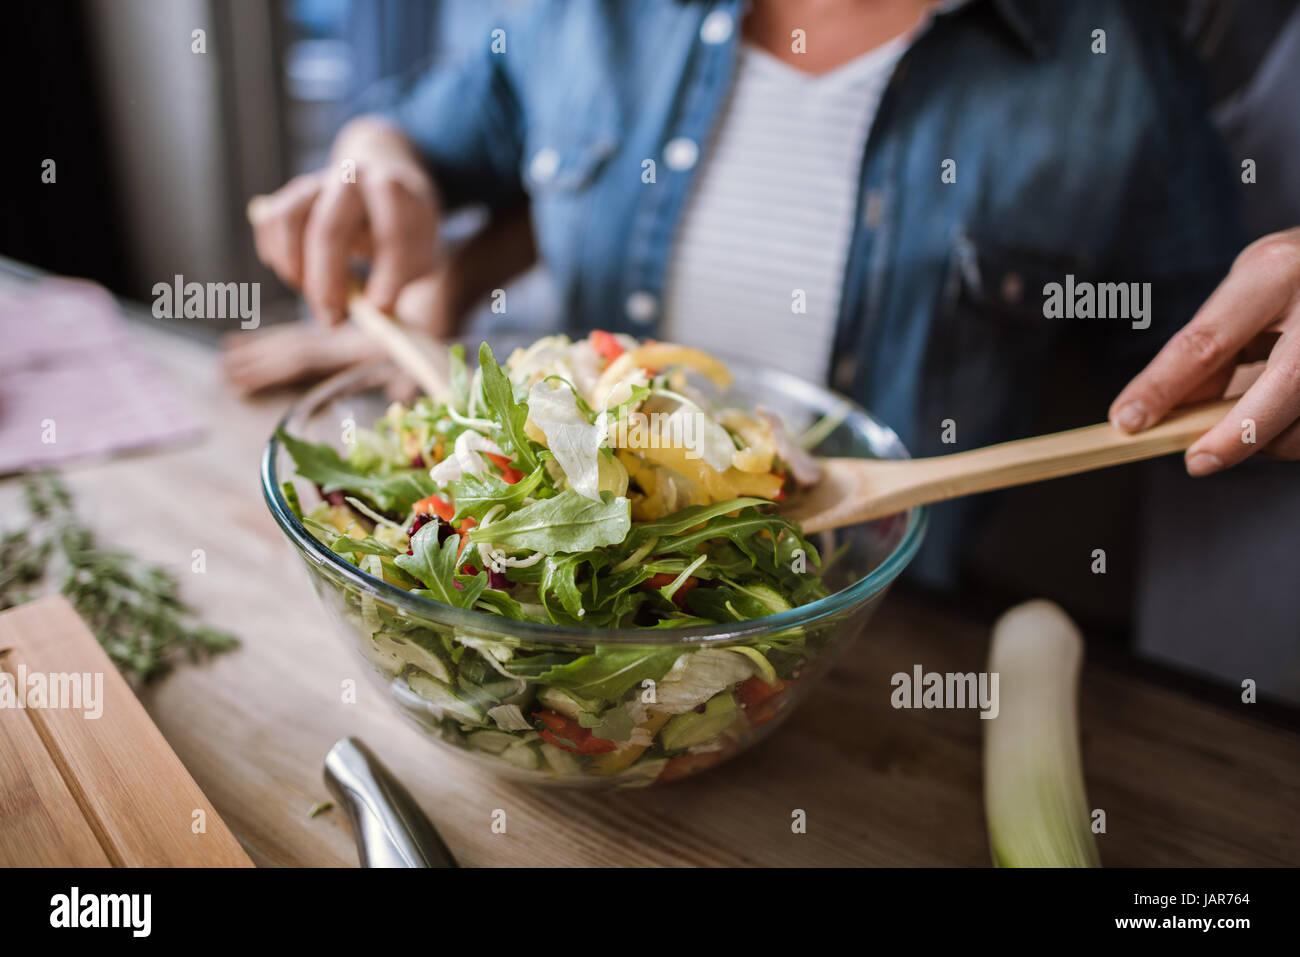 Par cocinar ensalada de verduras Imagen De Stock